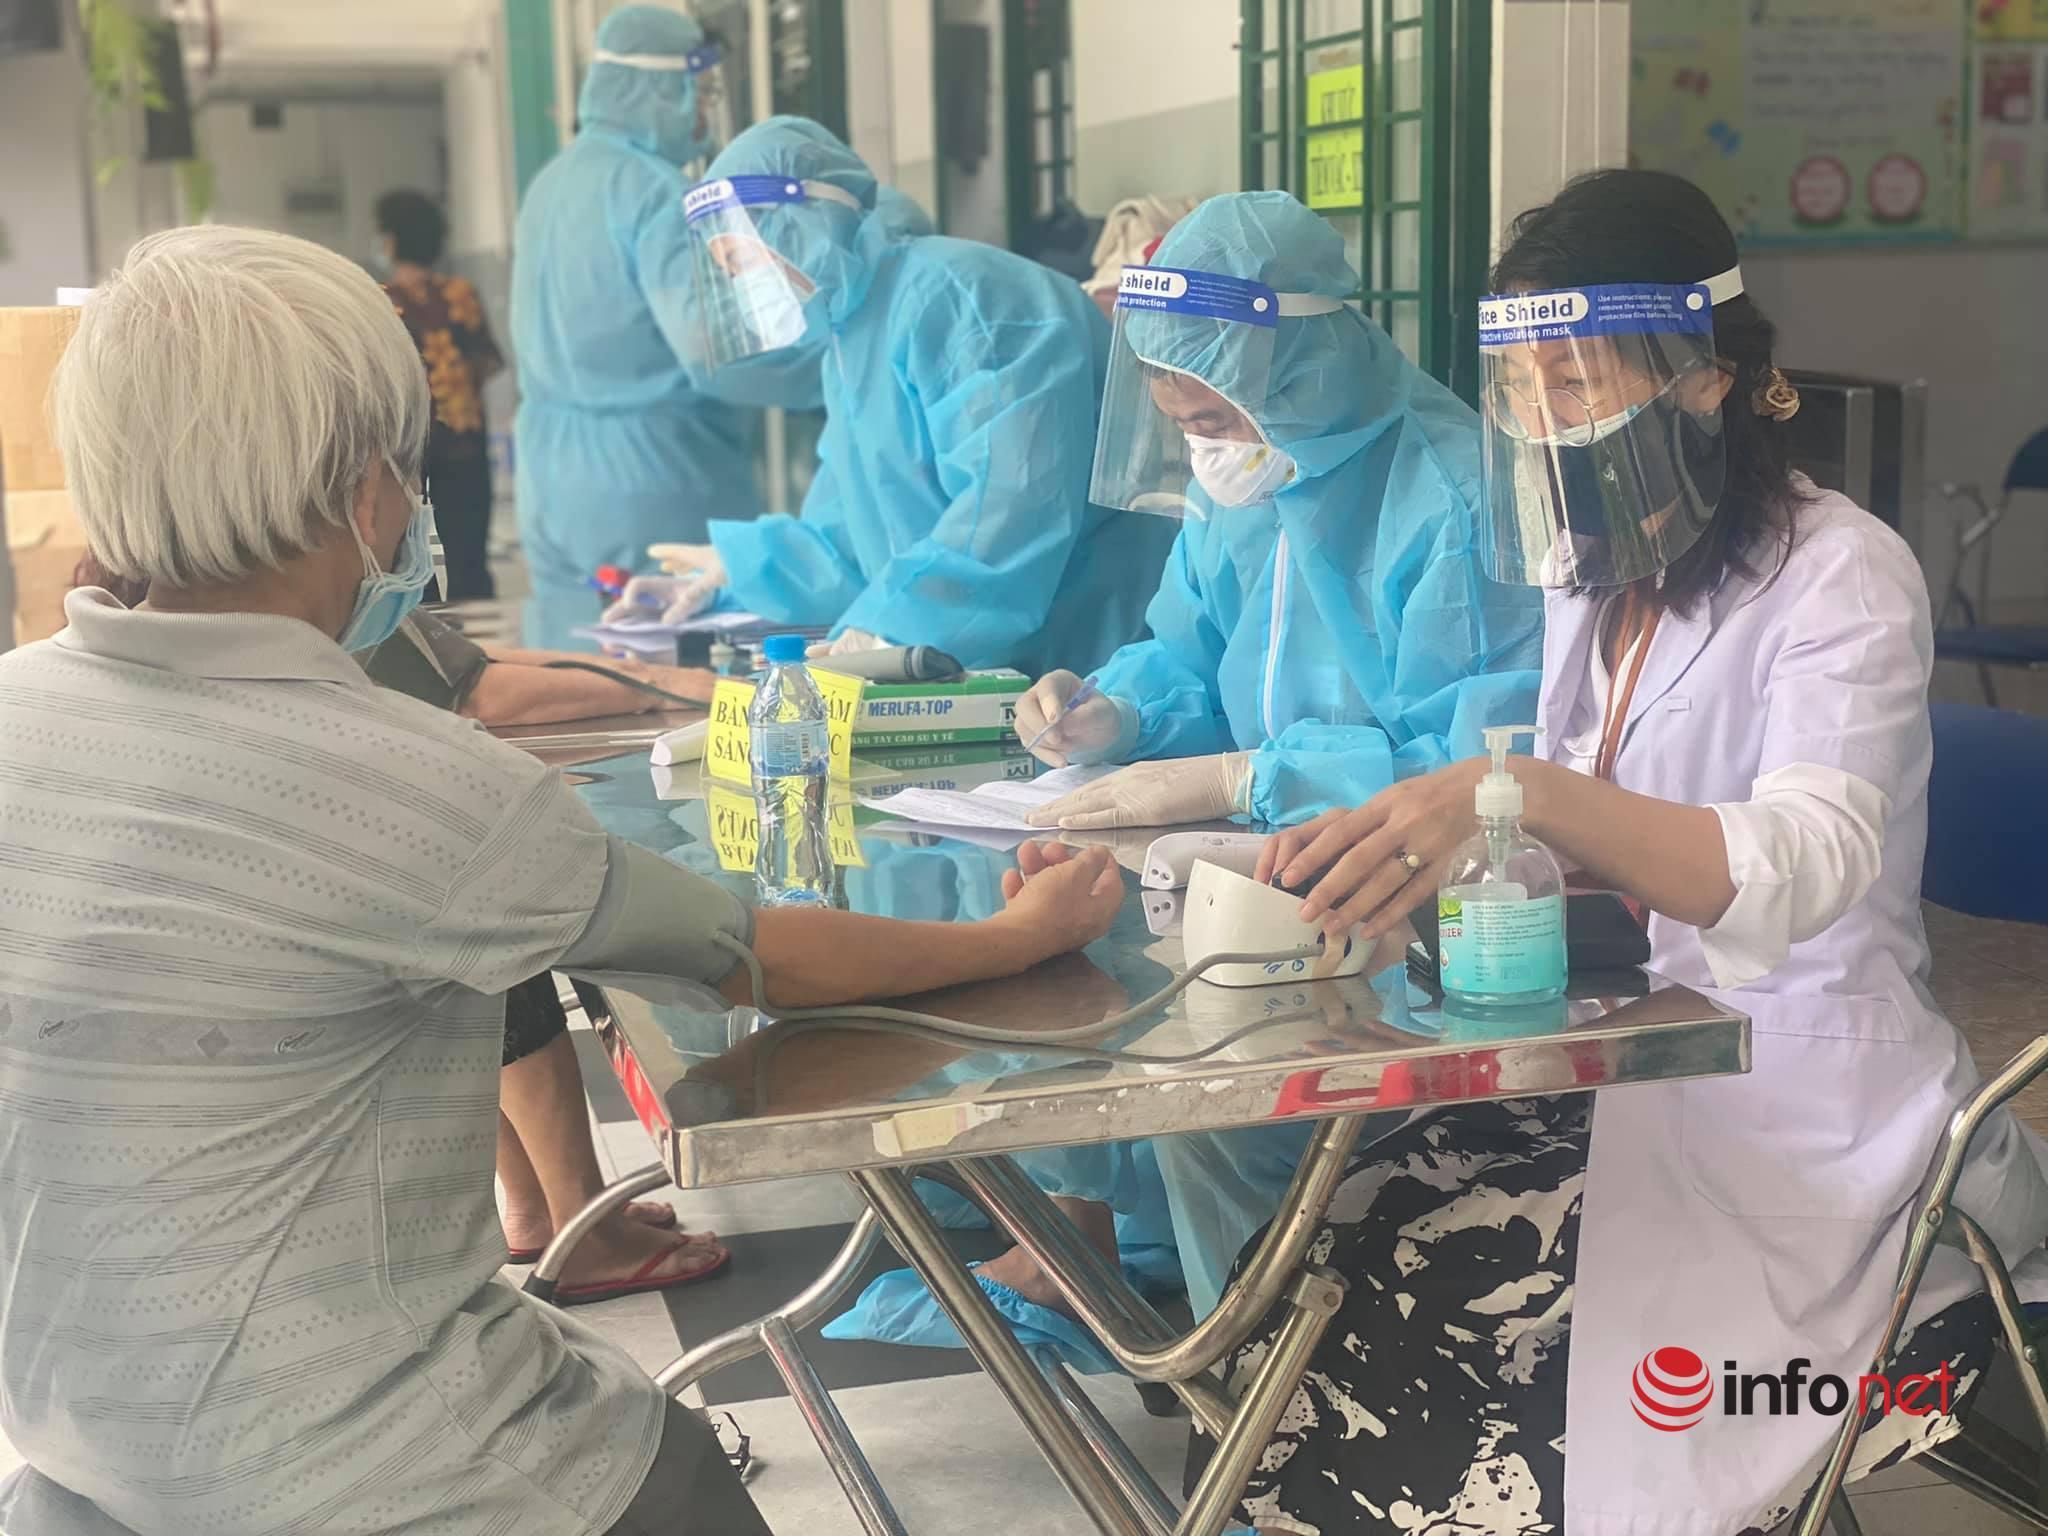 Phân bổ thêm cho TP.HCM 980 nghìn liều, Hà Nội 700 nghìn liều vắc xin ngừa Covid-19